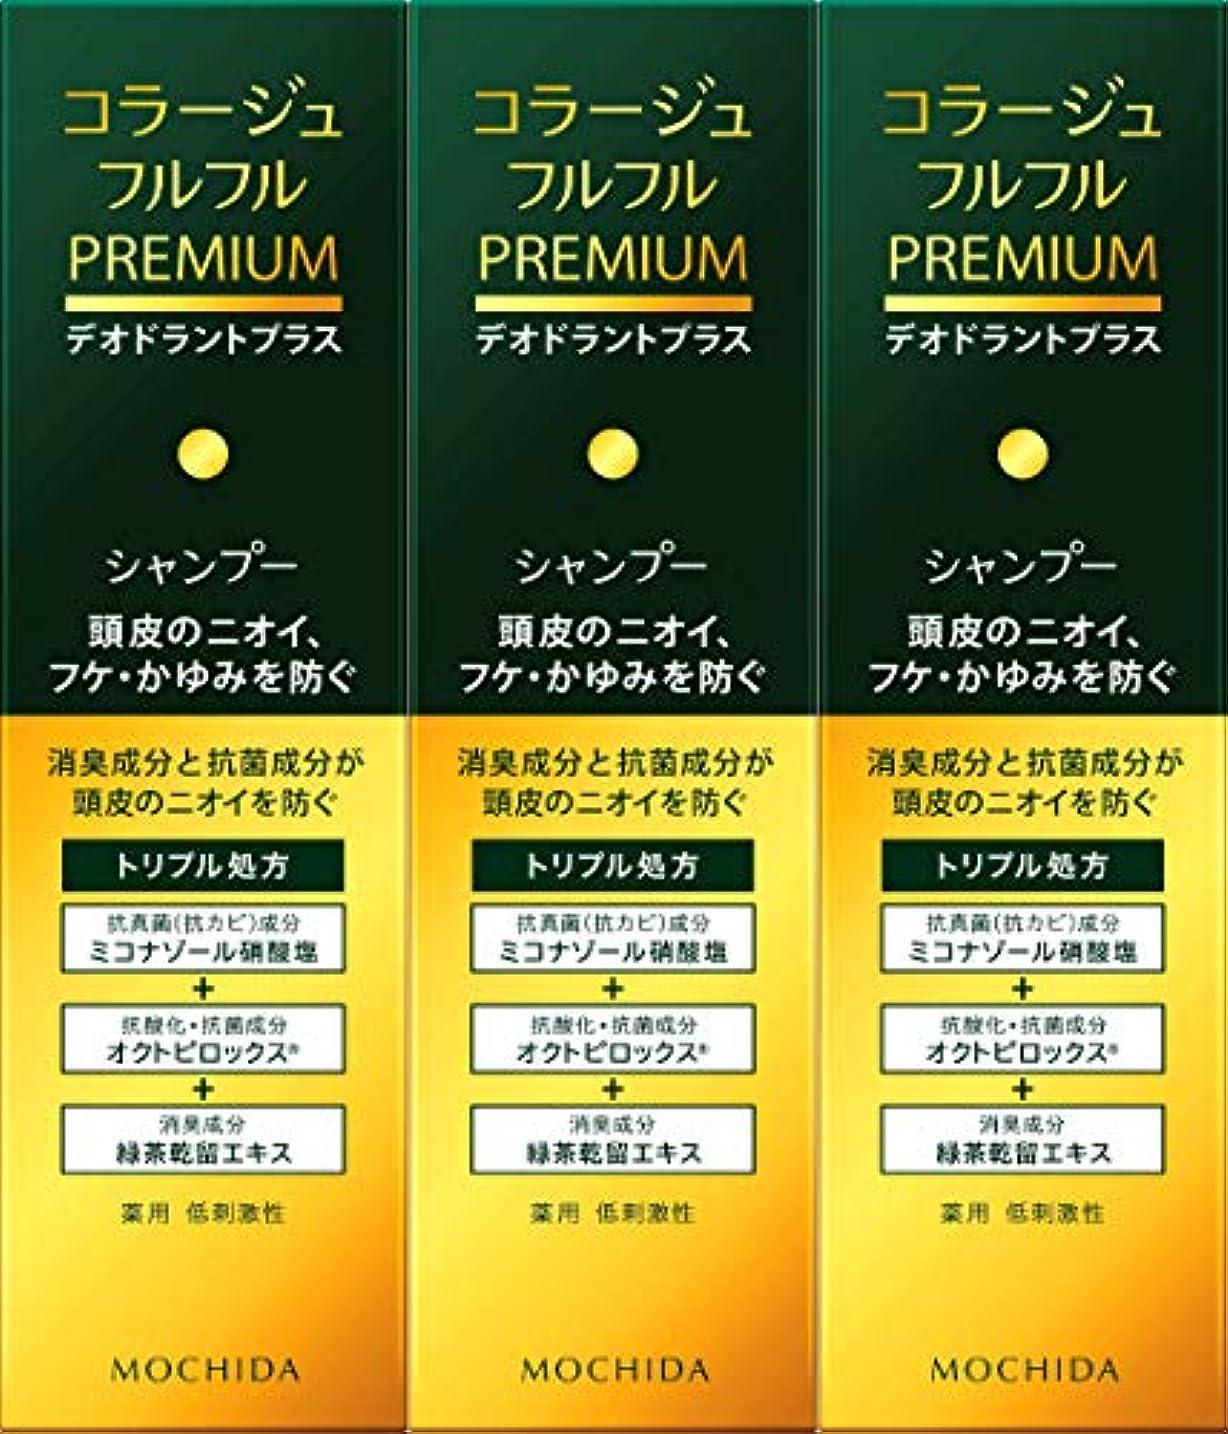 ハンサム透けるカヌー【3個セット】コラージュフルフルプレミアムシャンプー 200ml